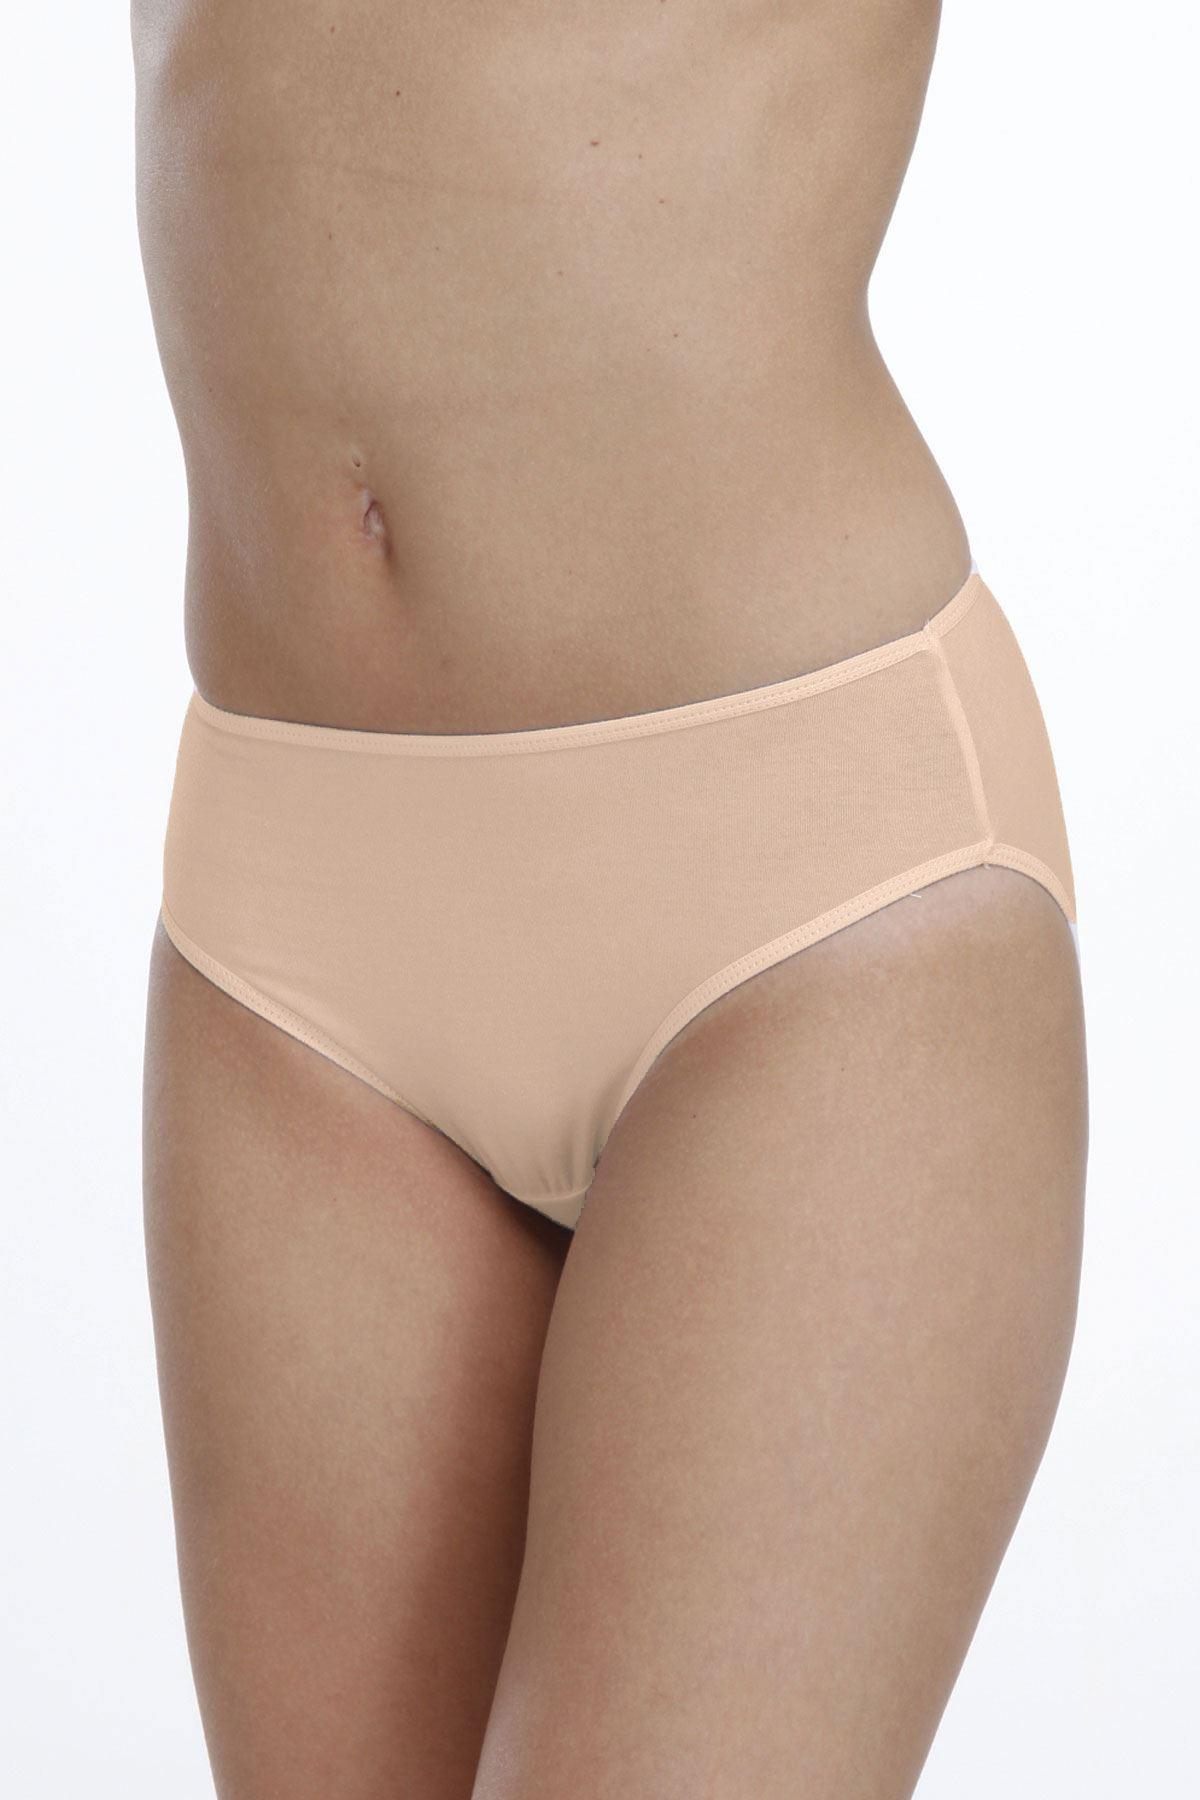 Ten Kadın Basic Yüksek Bel Modal Slip 1030